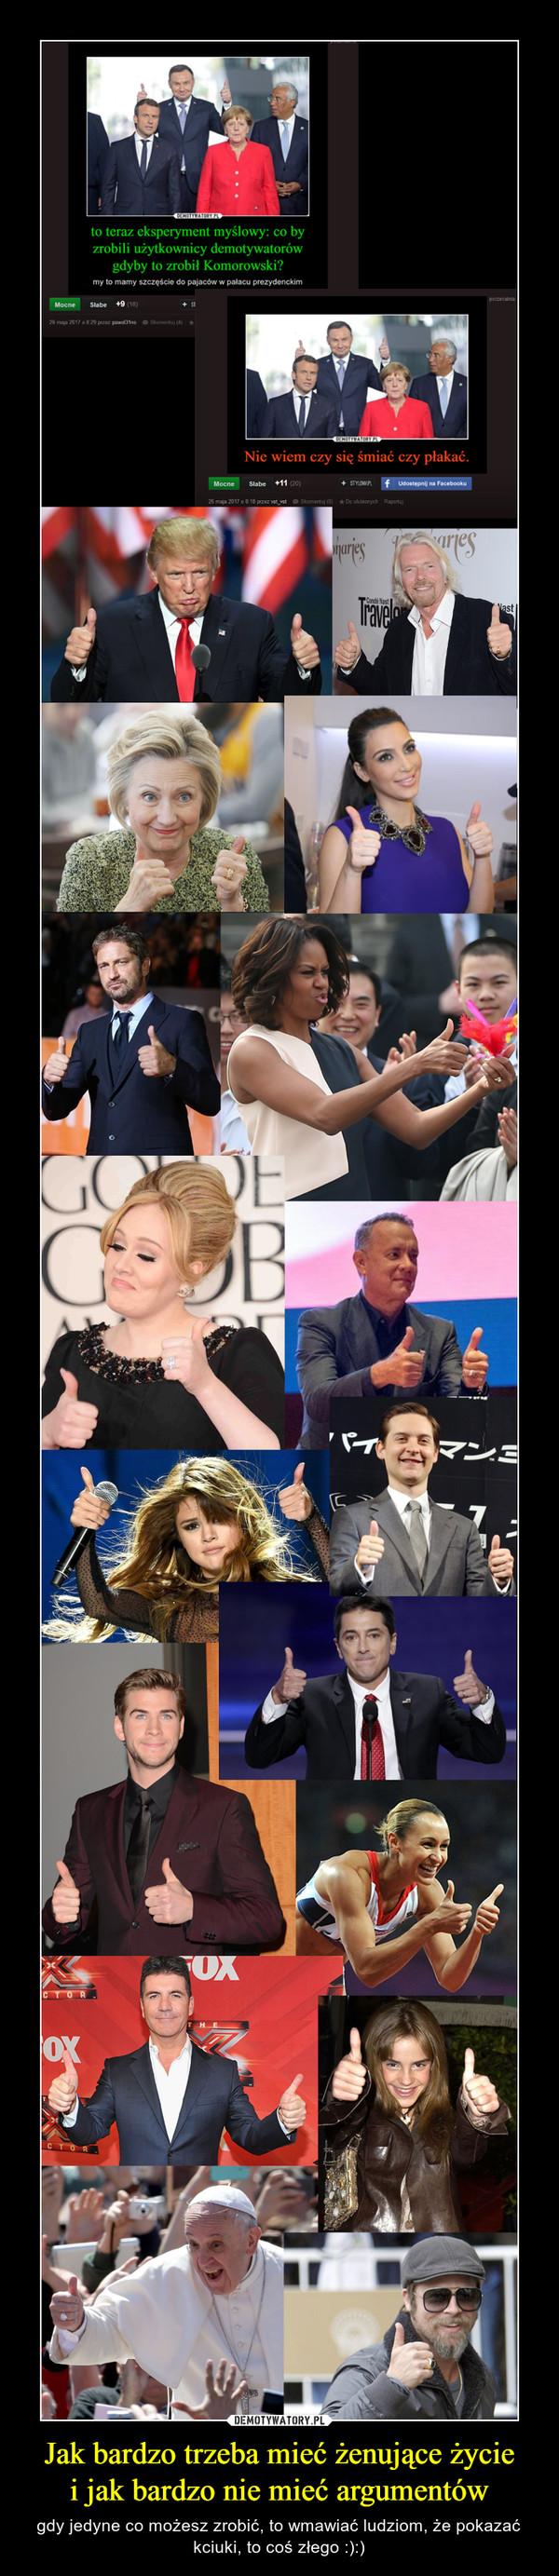 Jak bardzo trzeba mieć żenujące życiei jak bardzo nie mieć argumentów – gdy jedyne co możesz zrobić, to wmawiać ludziom, że pokazać kciuki, to coś złego :):)